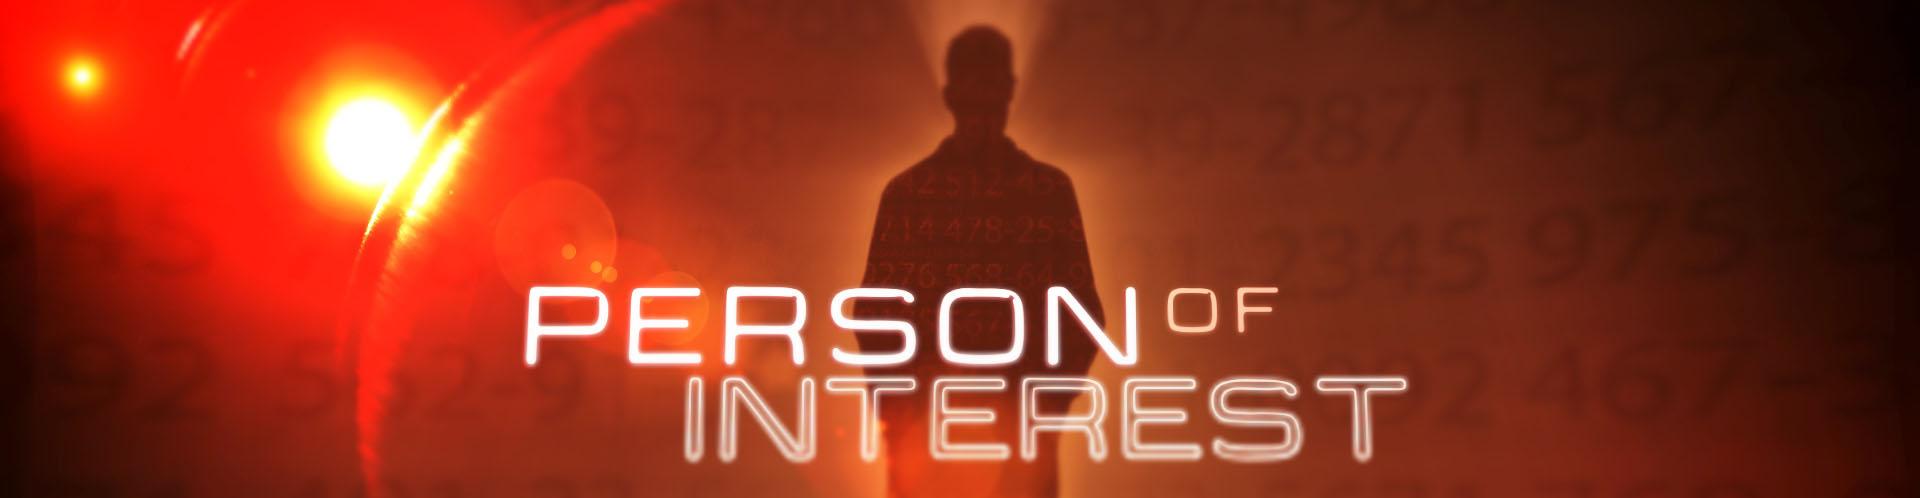 سريال زيباي Person Of Interest محصول سال 2011 آمريکا